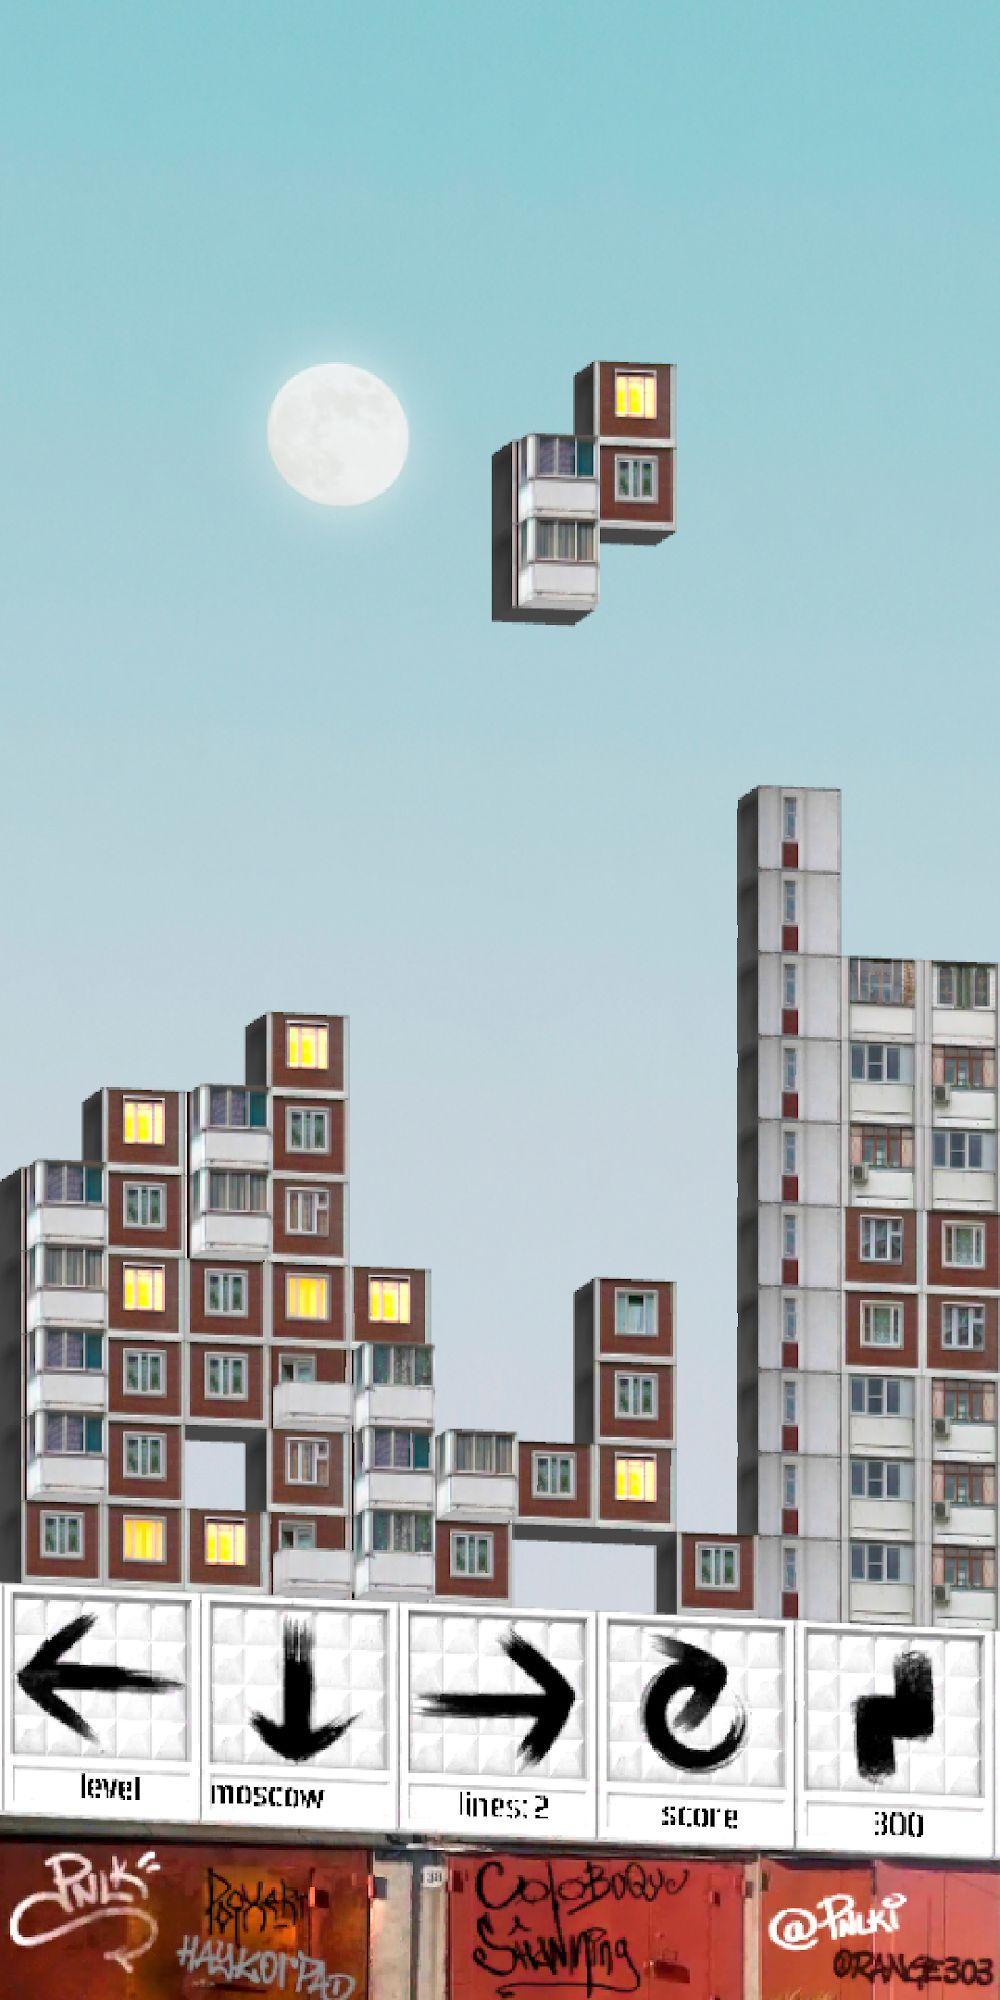 PNLK - soviet blocks block game for Android